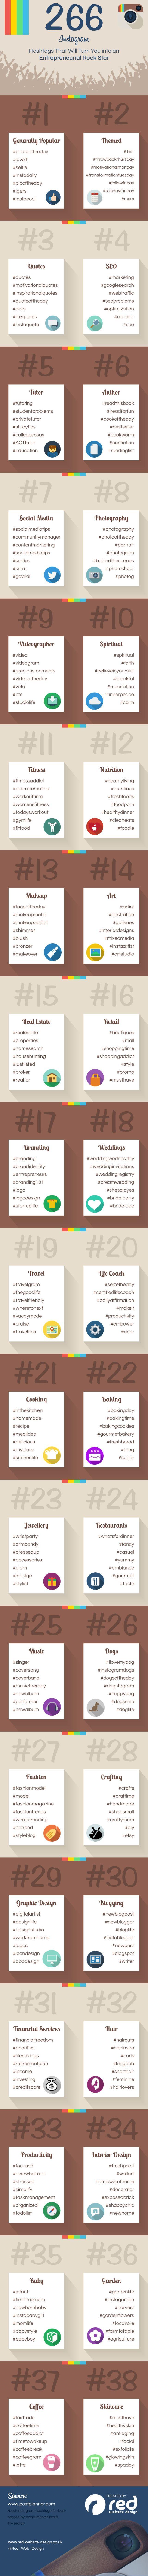 266 Instagram Hashtags For Entrepreneurial Rock Stars [Infographic]